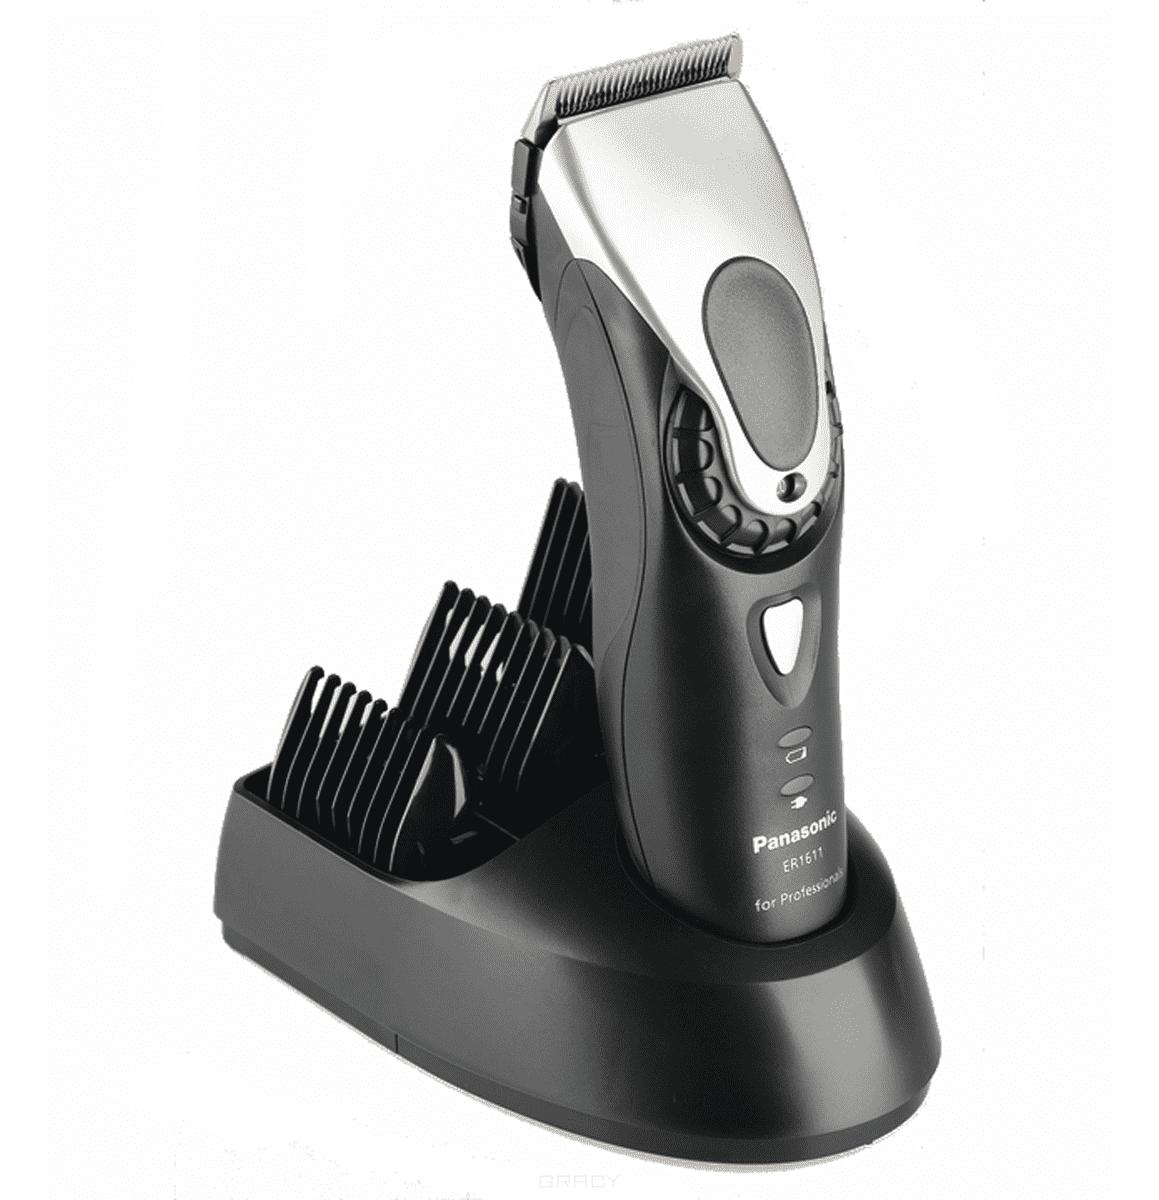 Panasonic, Машинка для стрижки волос ER1611 с линейным двигателем panasonic машинка для стрижки волос с линейным двигателем с контролем мощности